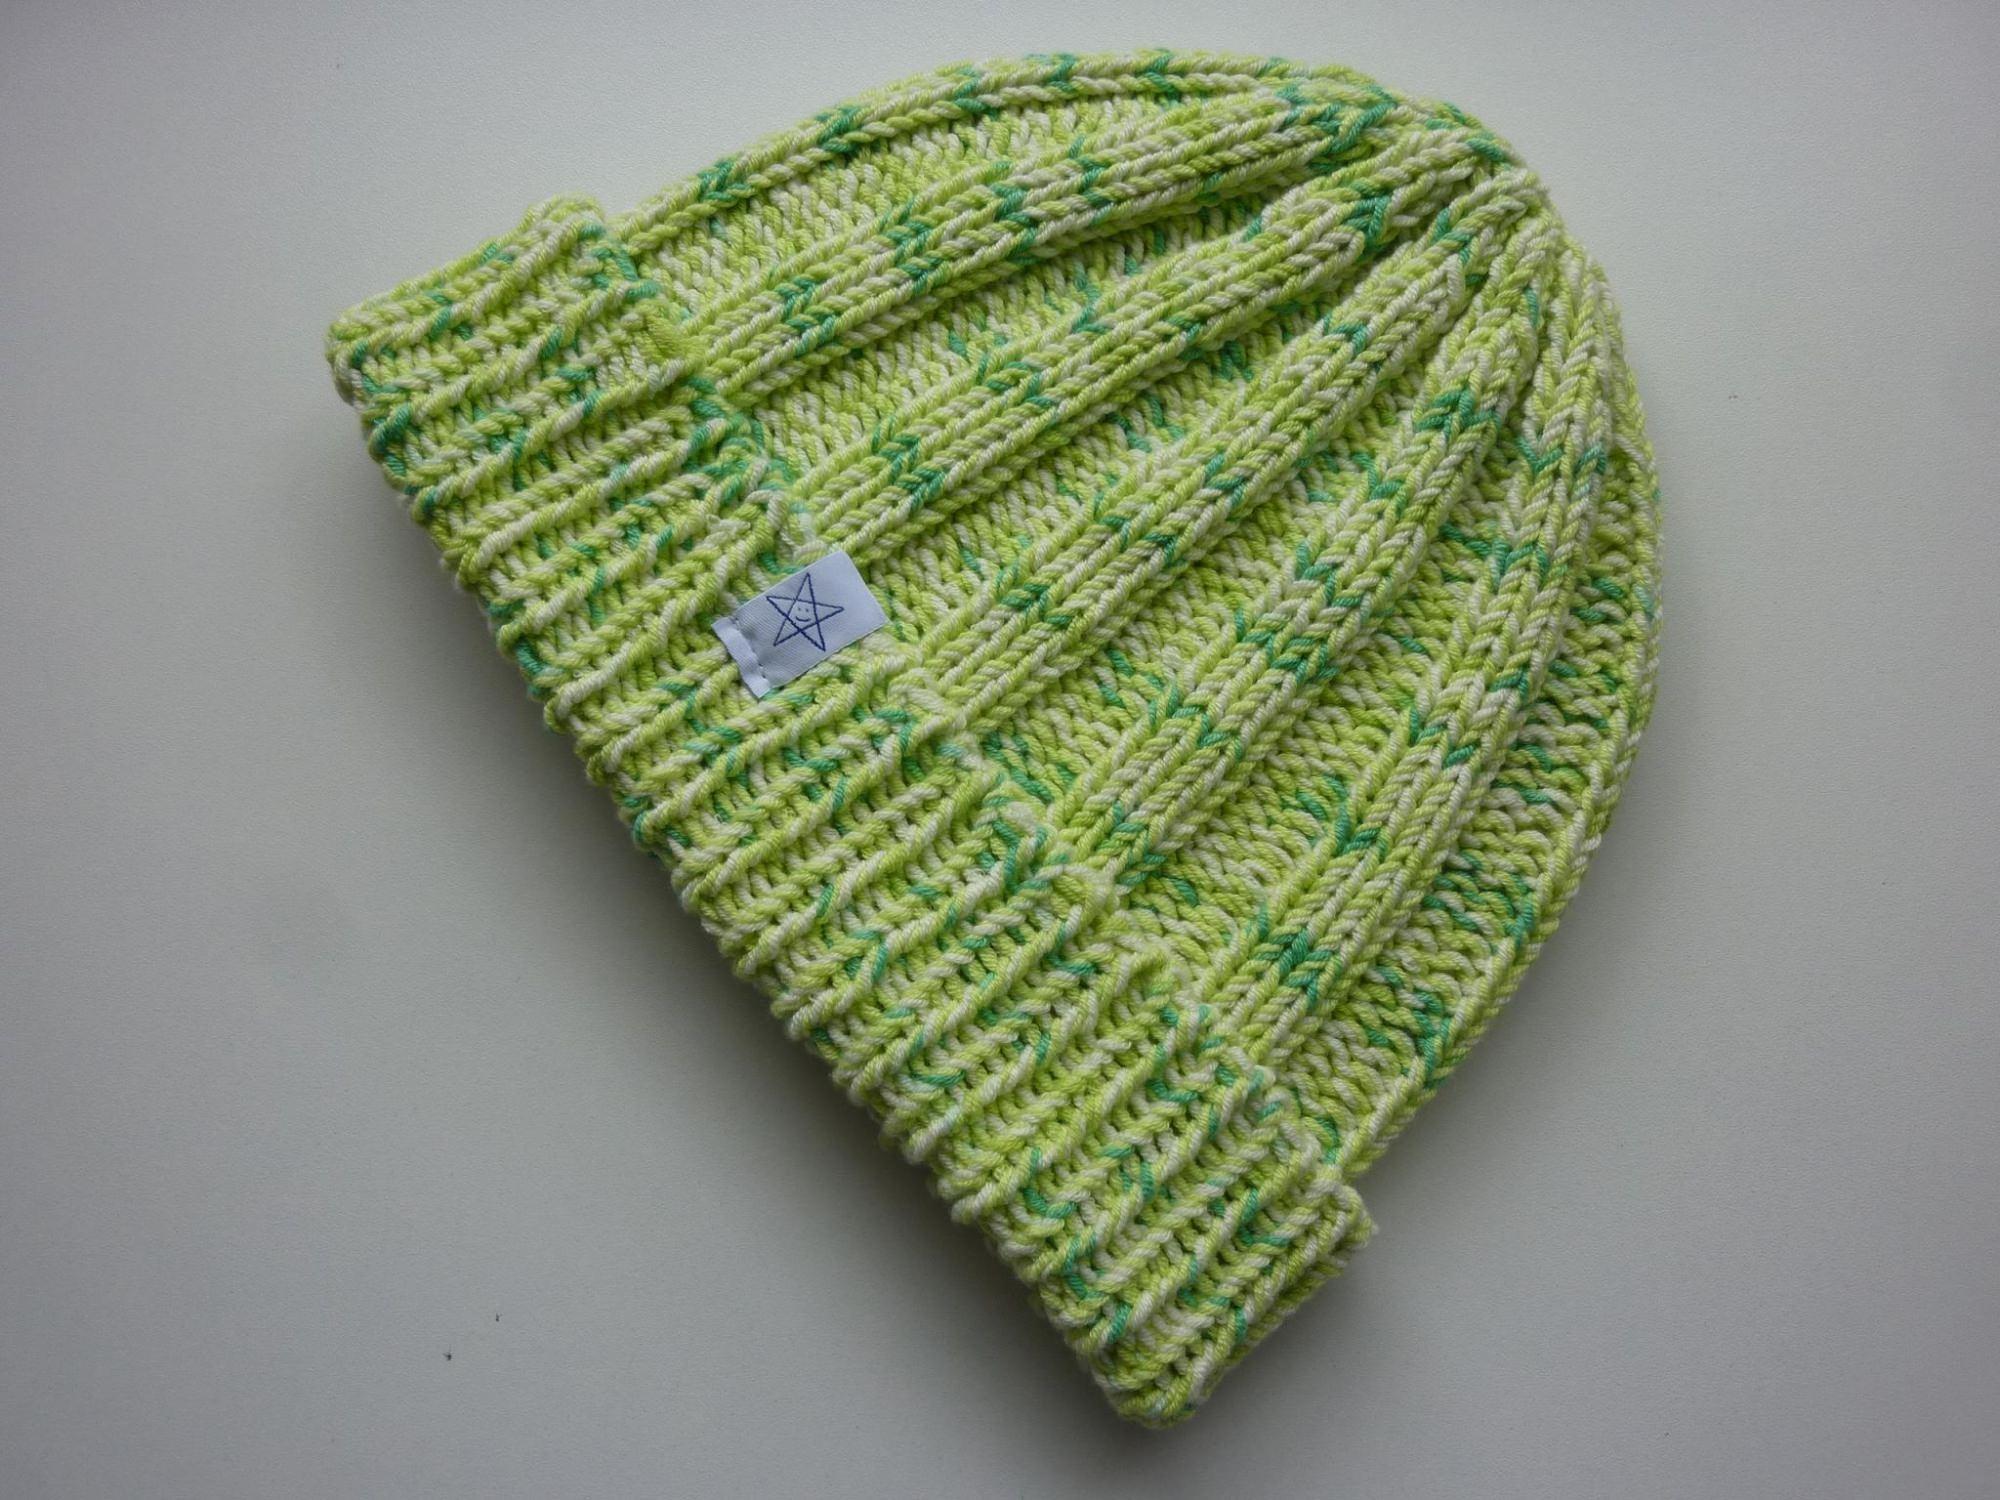 Kleinesbild - Strickmütze Hellgrün gemustert aus Baumwolle handgestrickt